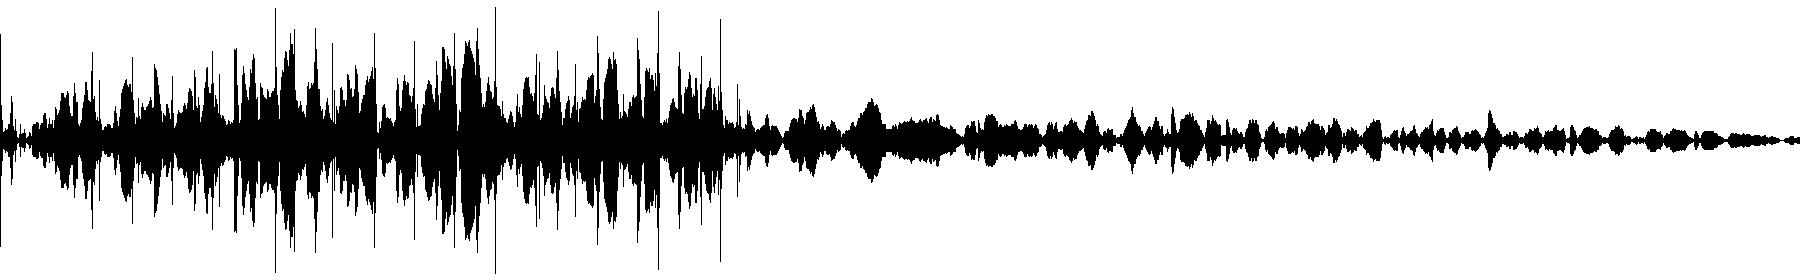 biab glitchhop glitch 1